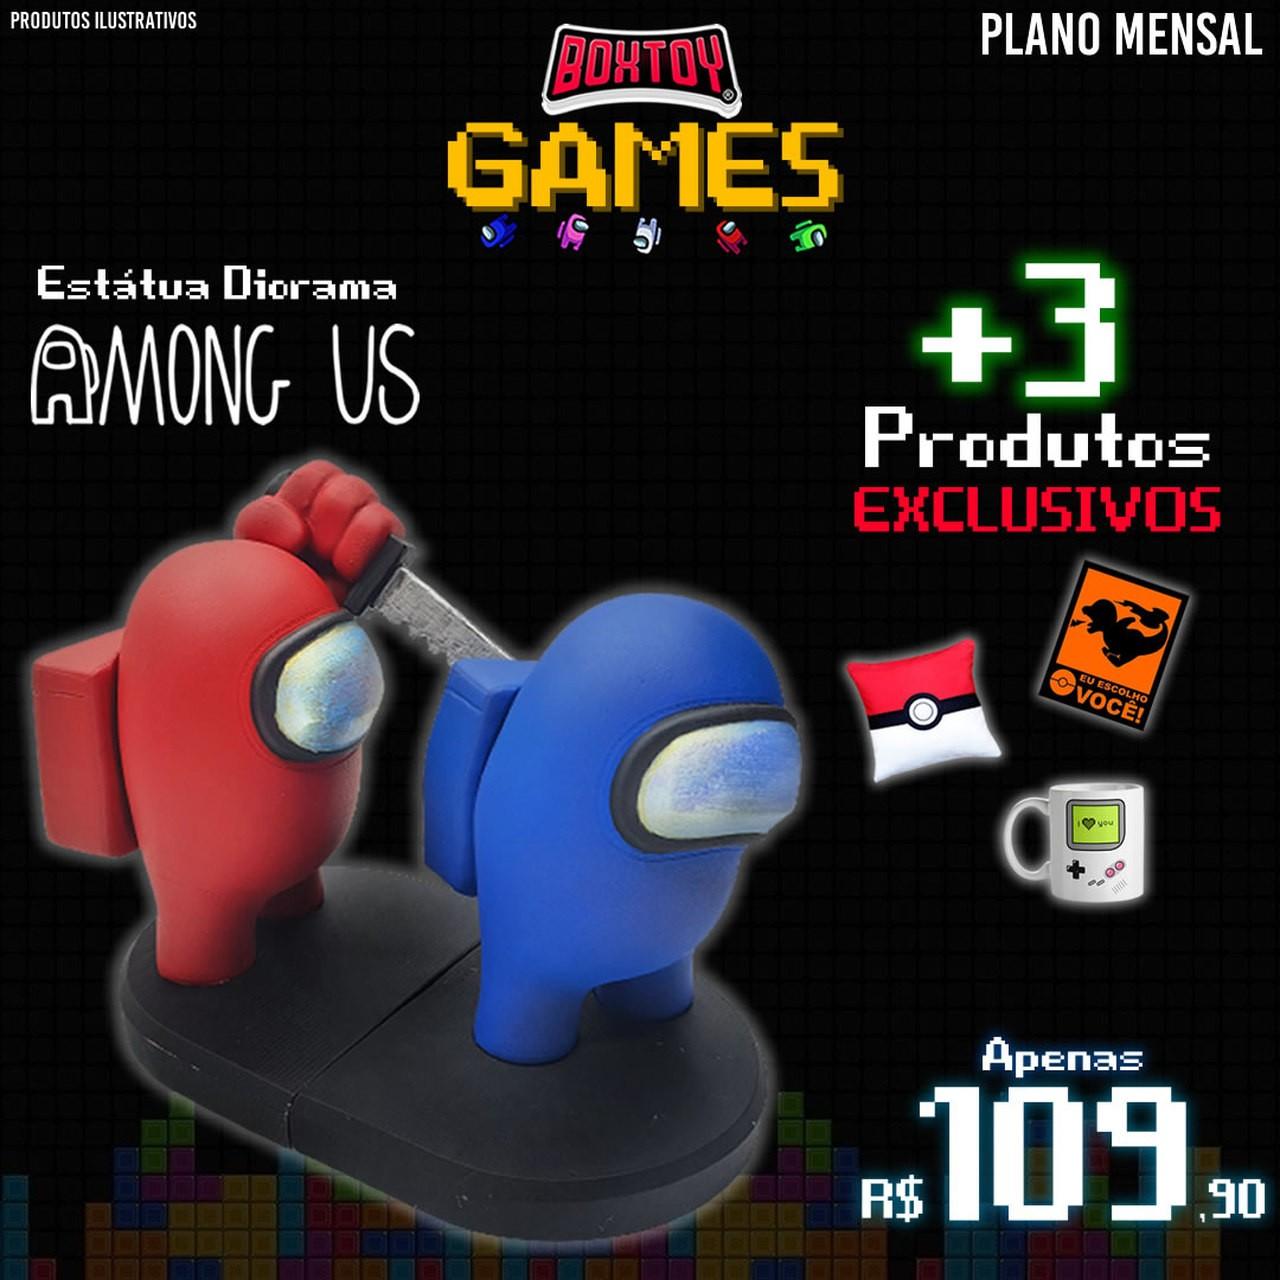 Boxtoy Edição GAMES - Mensal  - Boxtoy